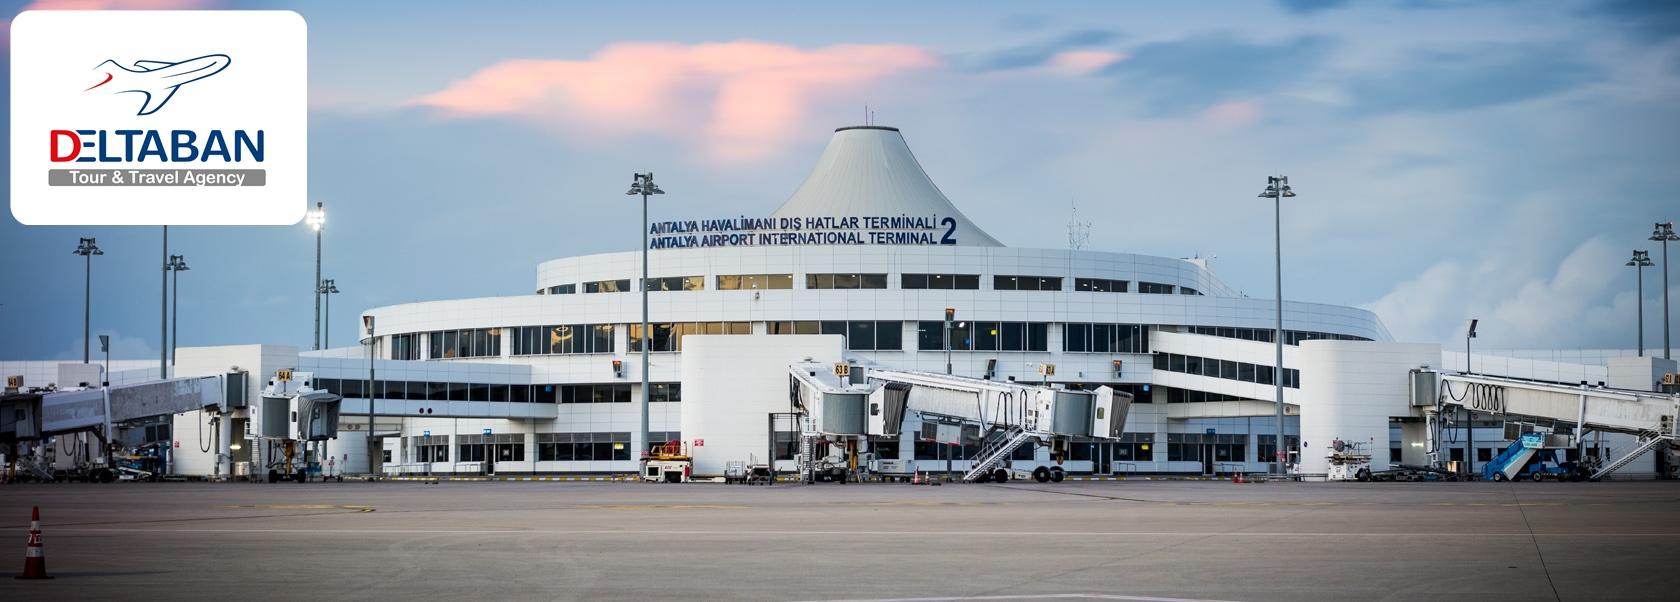 معرفی فرودگاه